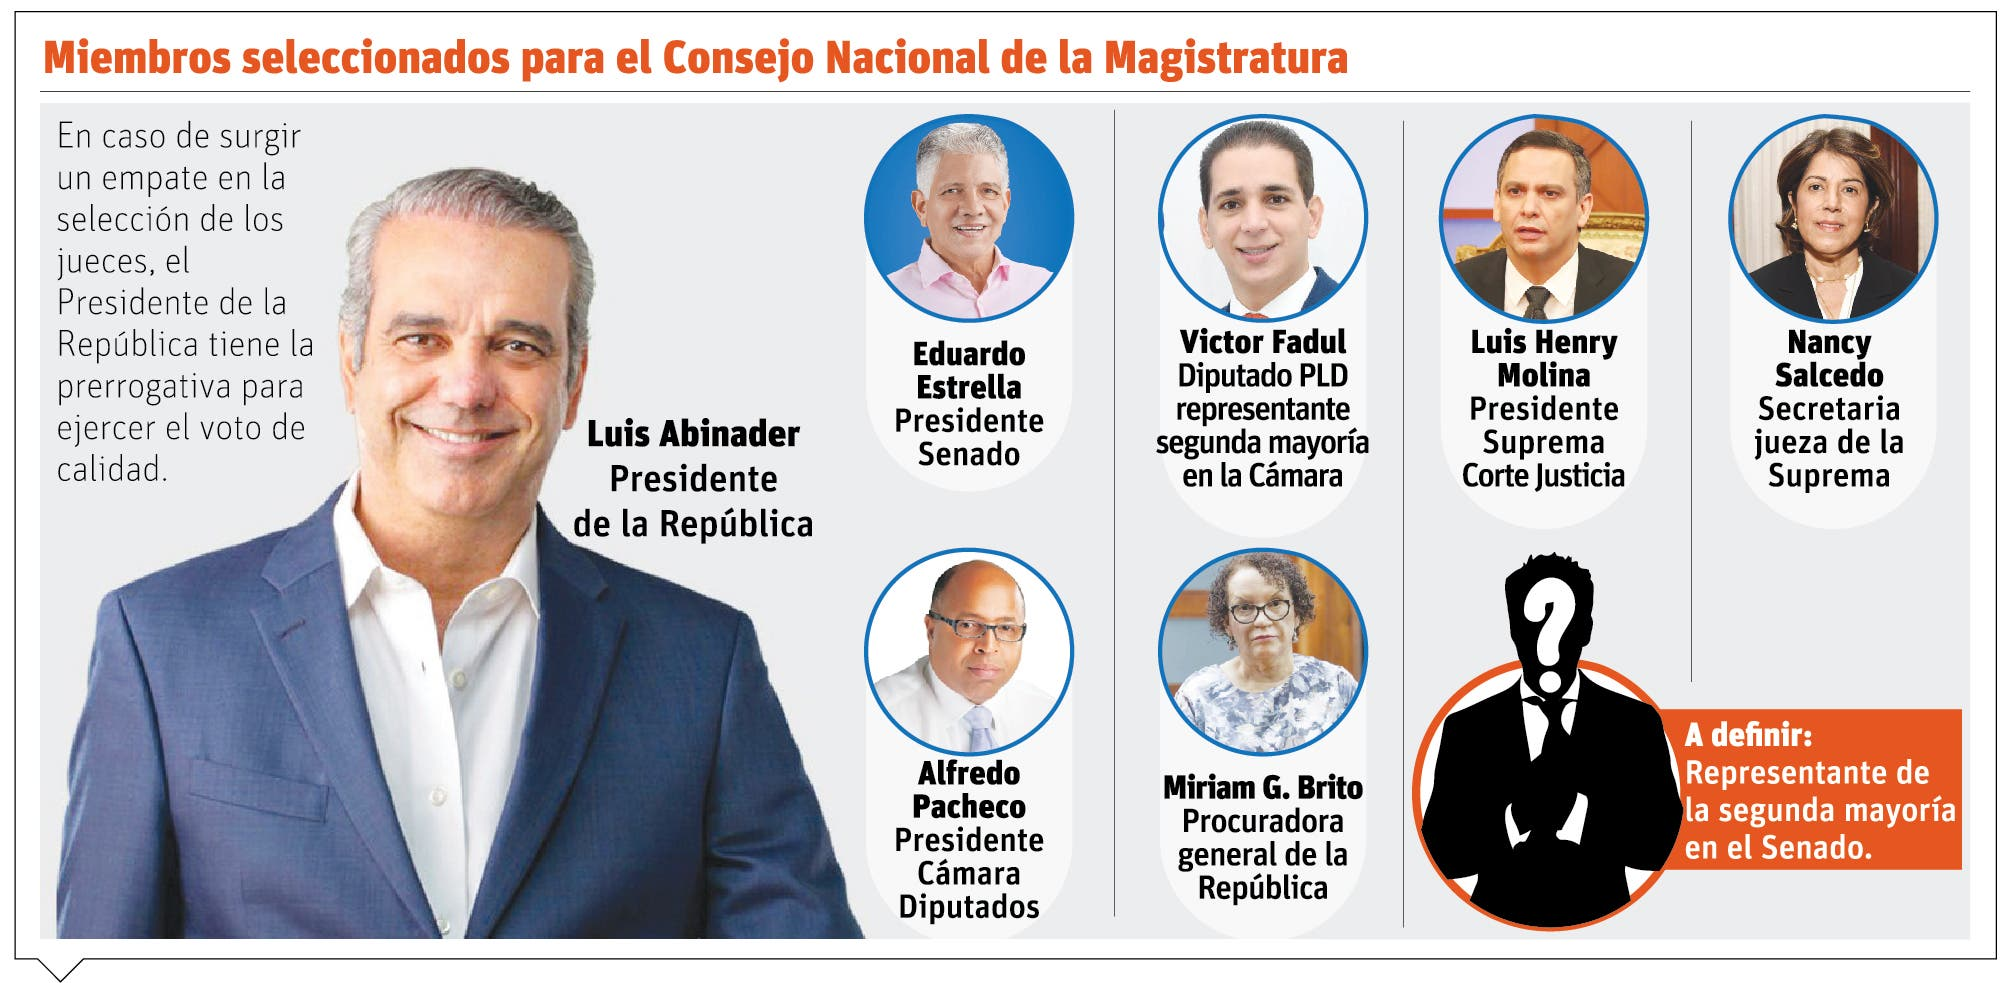 La segunda mayoría del Senado en el Consejo Nacional de la Magistratura